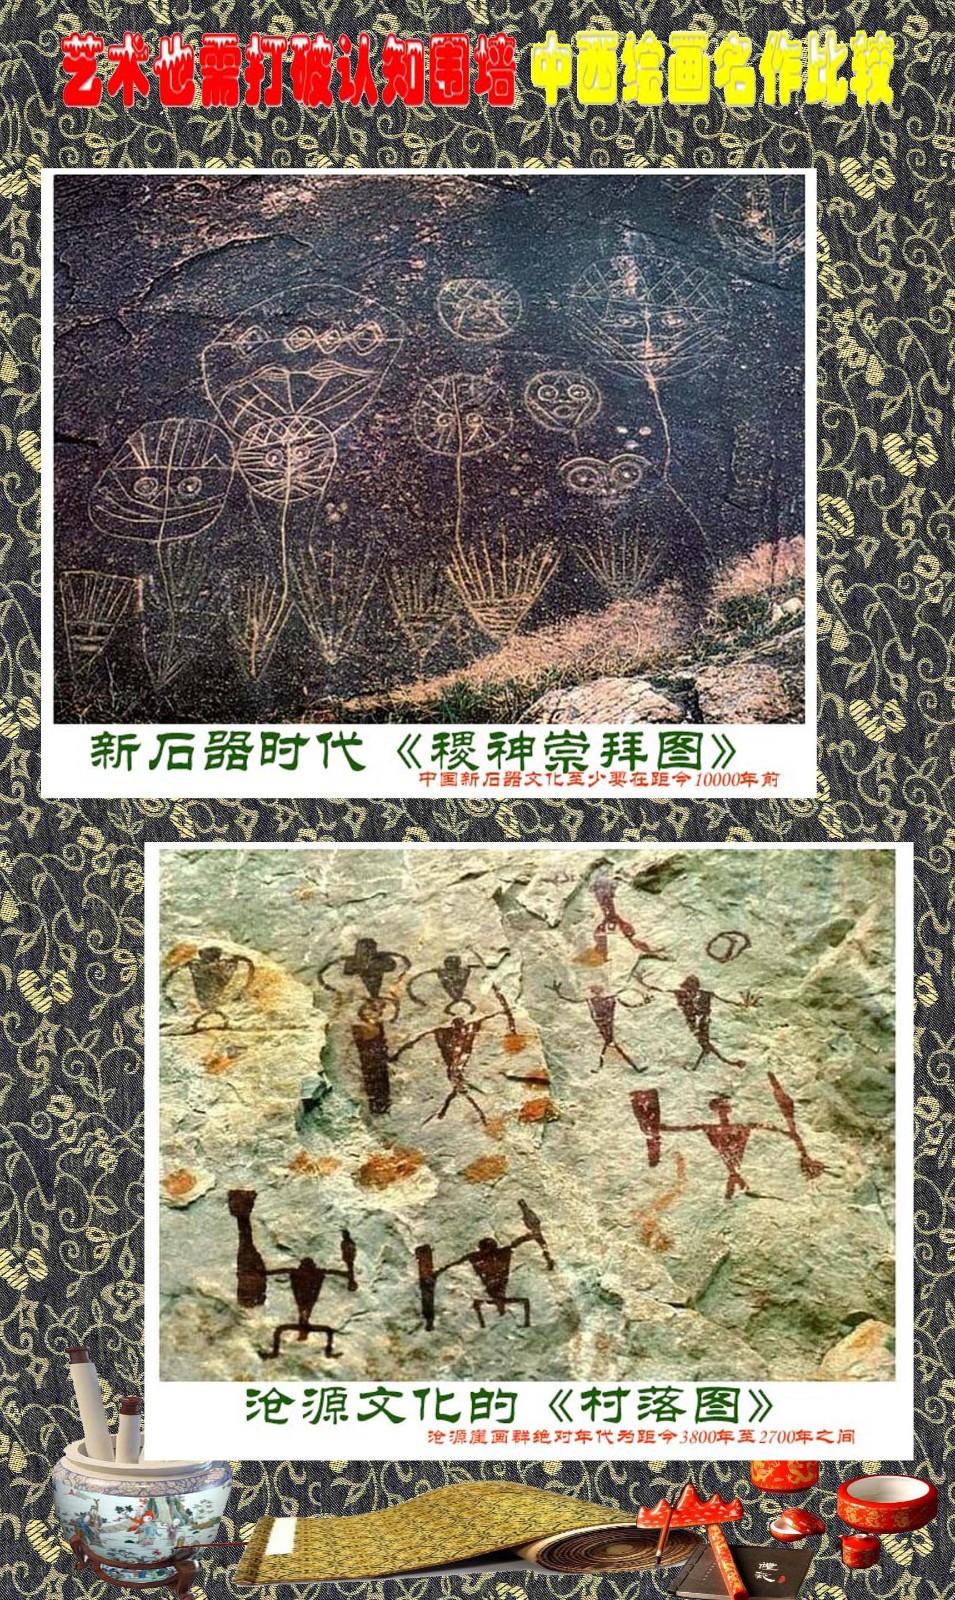 艺术需打破认知围墙  中西绘画名作比较_图1-1